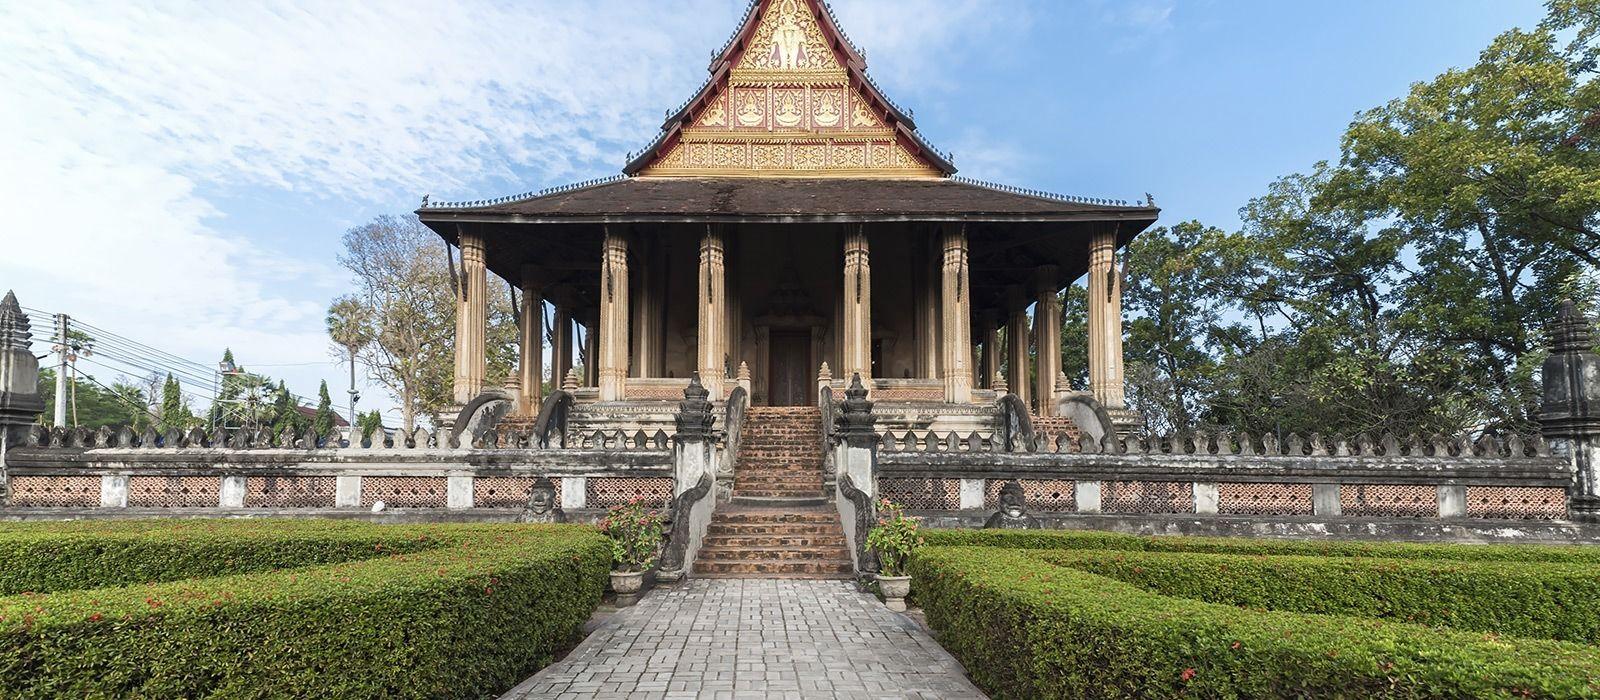 Kulturschätze Südostasiens – Laos und Kambodscha Rundreise Urlaub 4